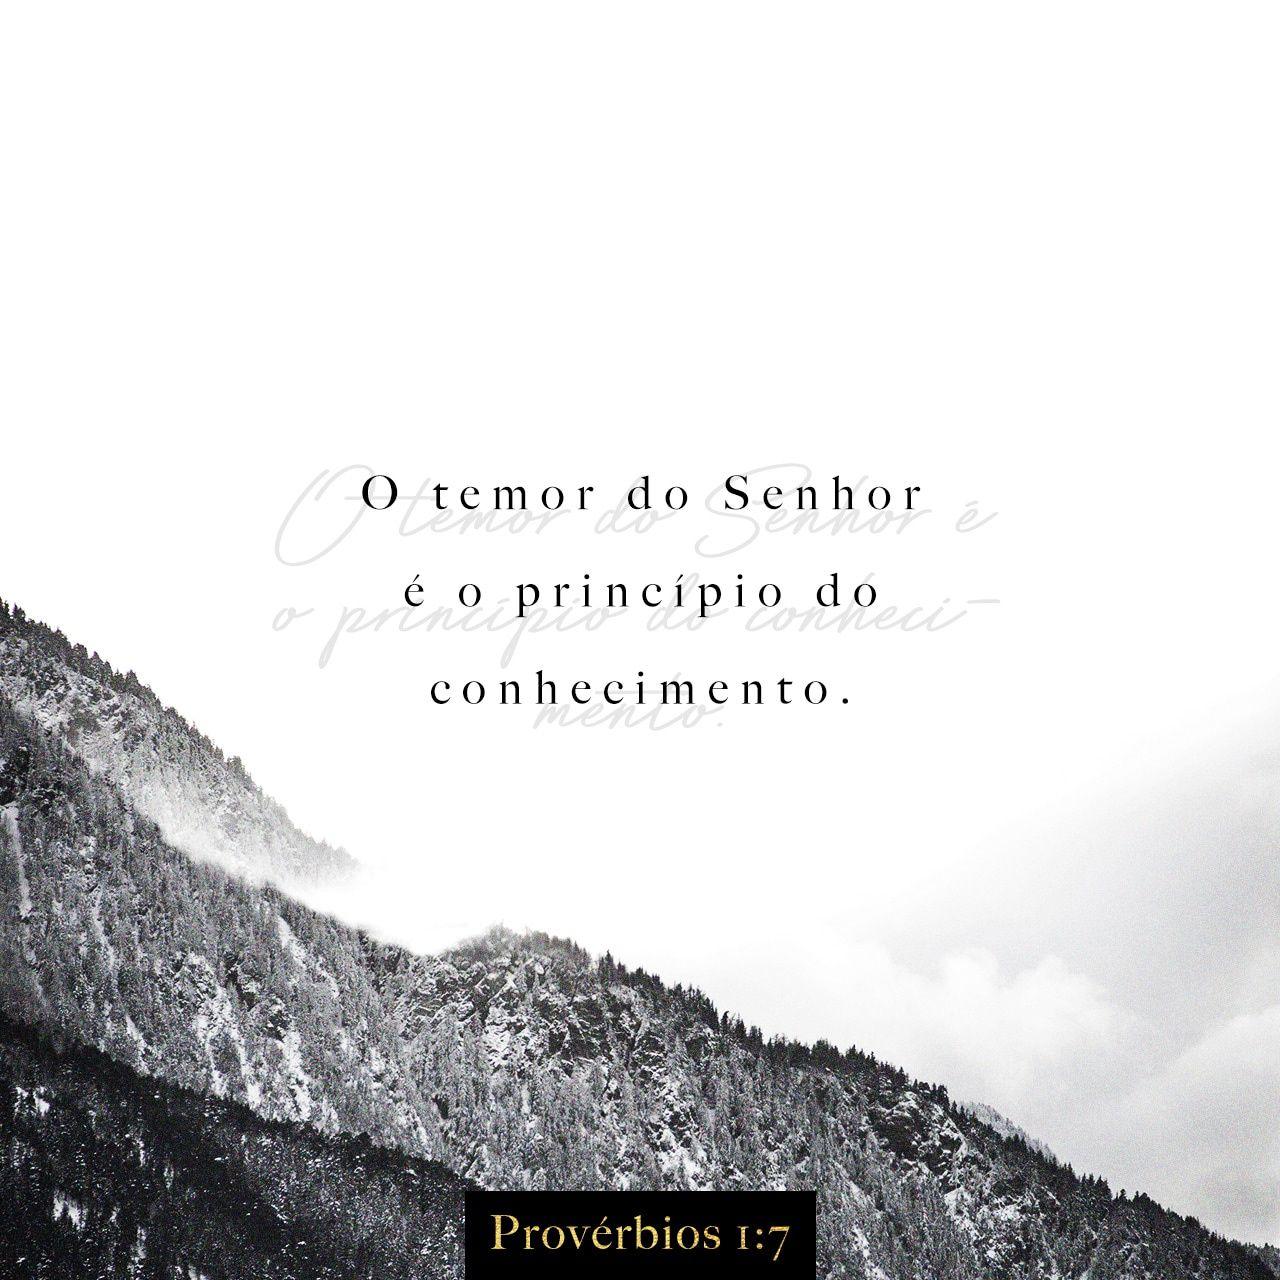 Proverbios 1 7 Para Ser Sabio E Preciso Primeiro Temer A Deus O